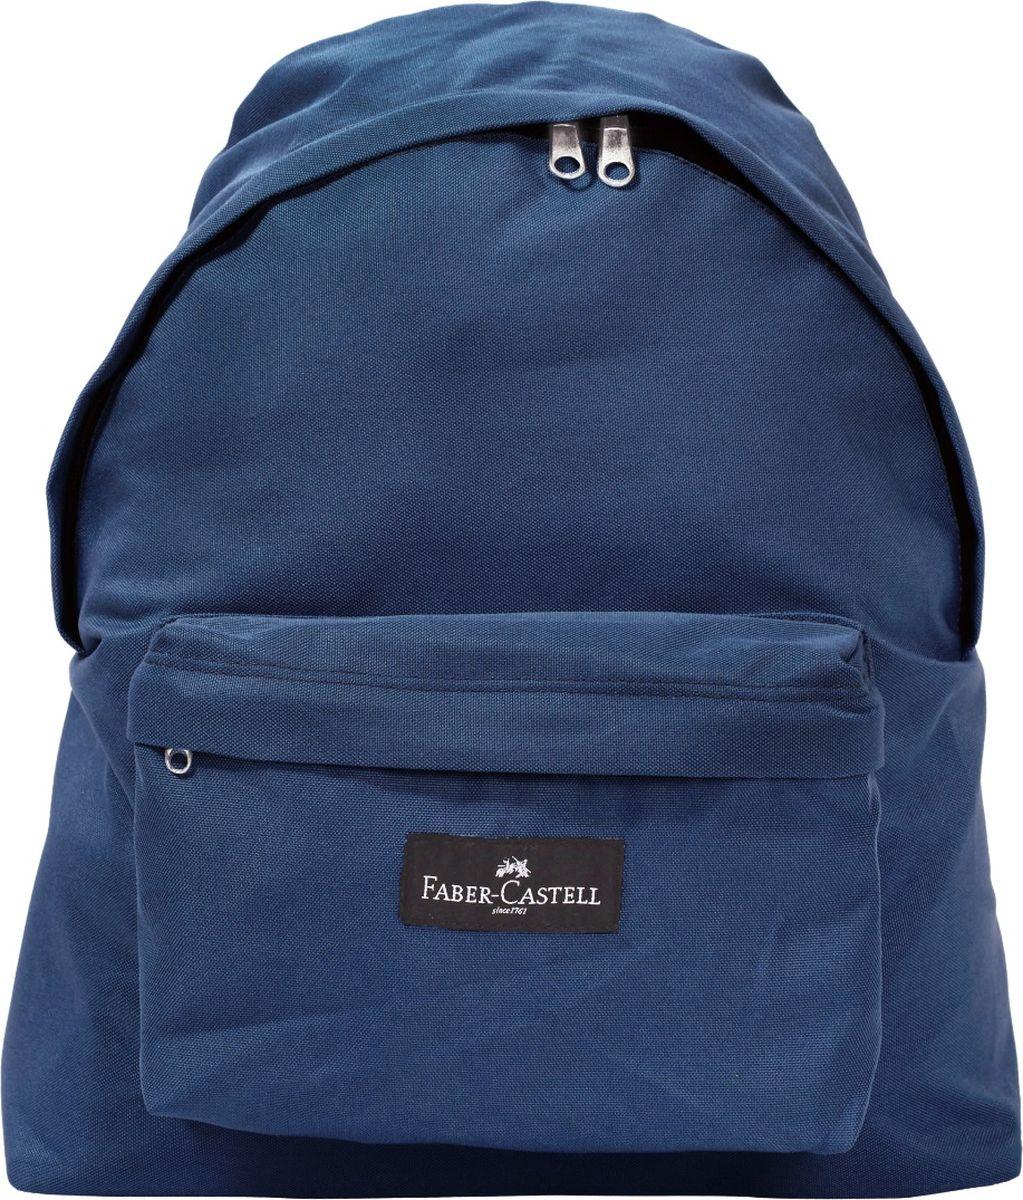 Faber-Castell Рюкзак цвет синий72523WD большое основное отделение и маленькое дополнительное на лицевой части рюкзакакачественная металлическая молния удобные лямки большой выбор цветовых оттенков сделаны из текстильных материалов с водоотталкивающим покрытием